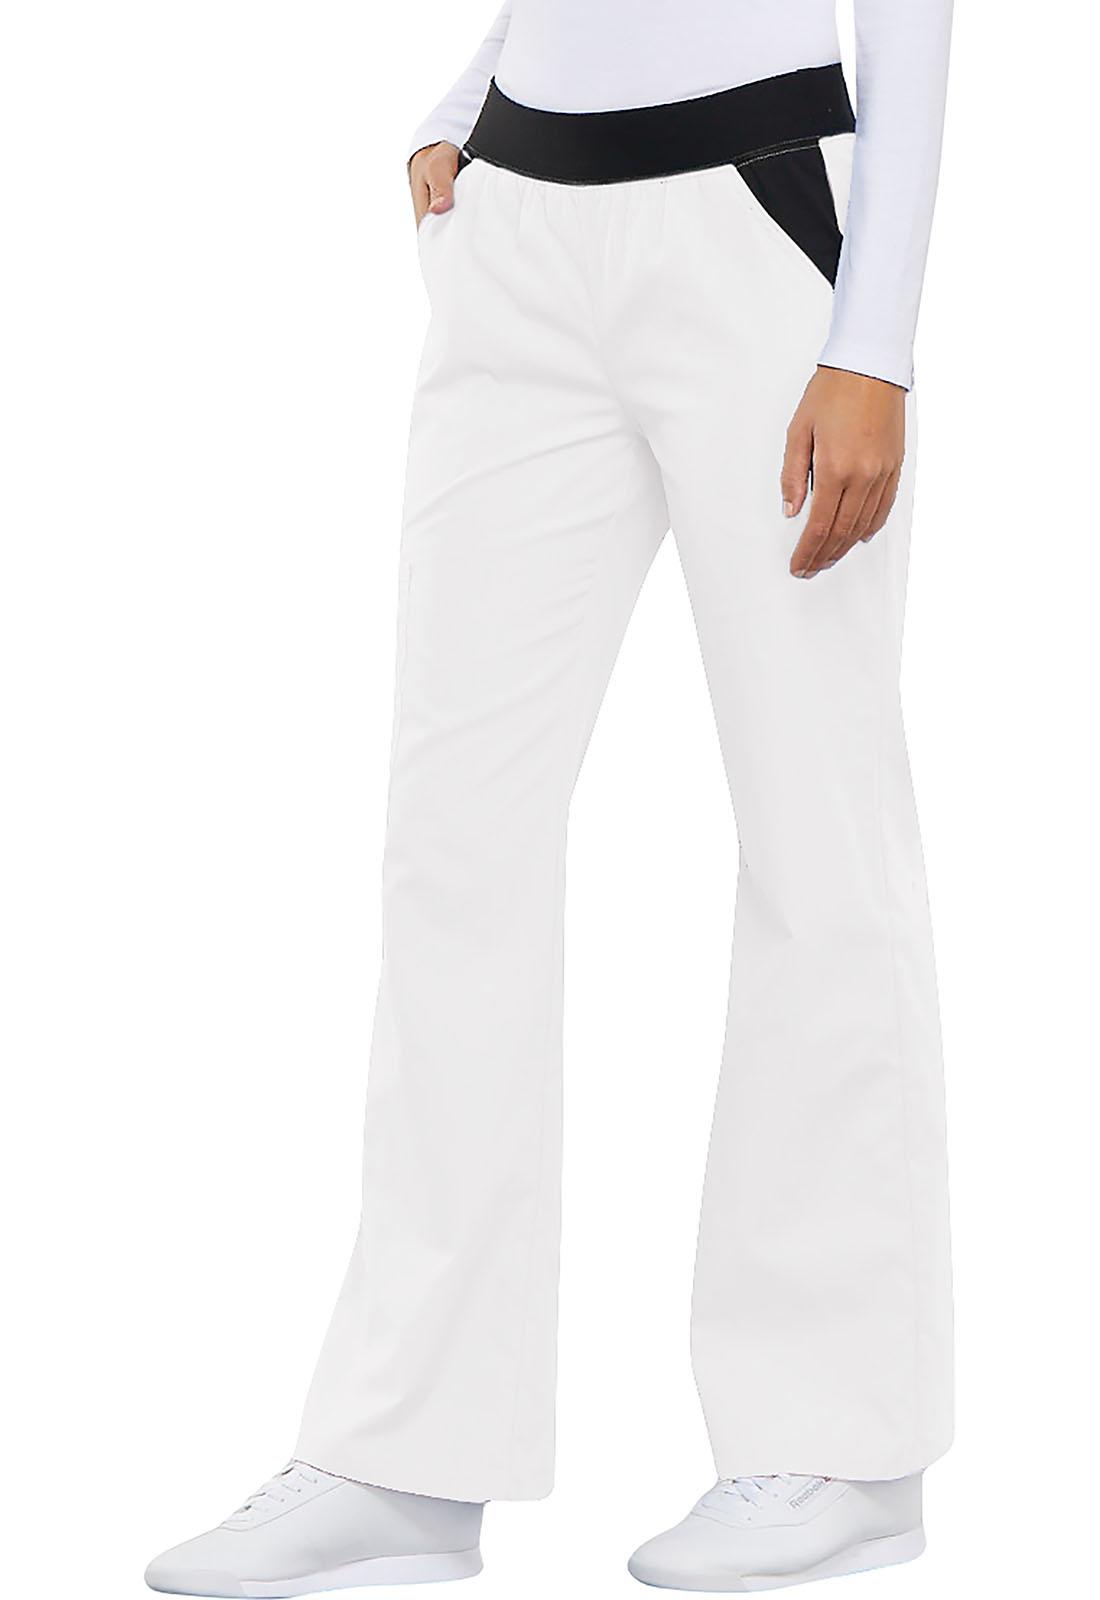 Cherokee Damen Schlupfhose weiß 60%Baumwolle/40%Polyester